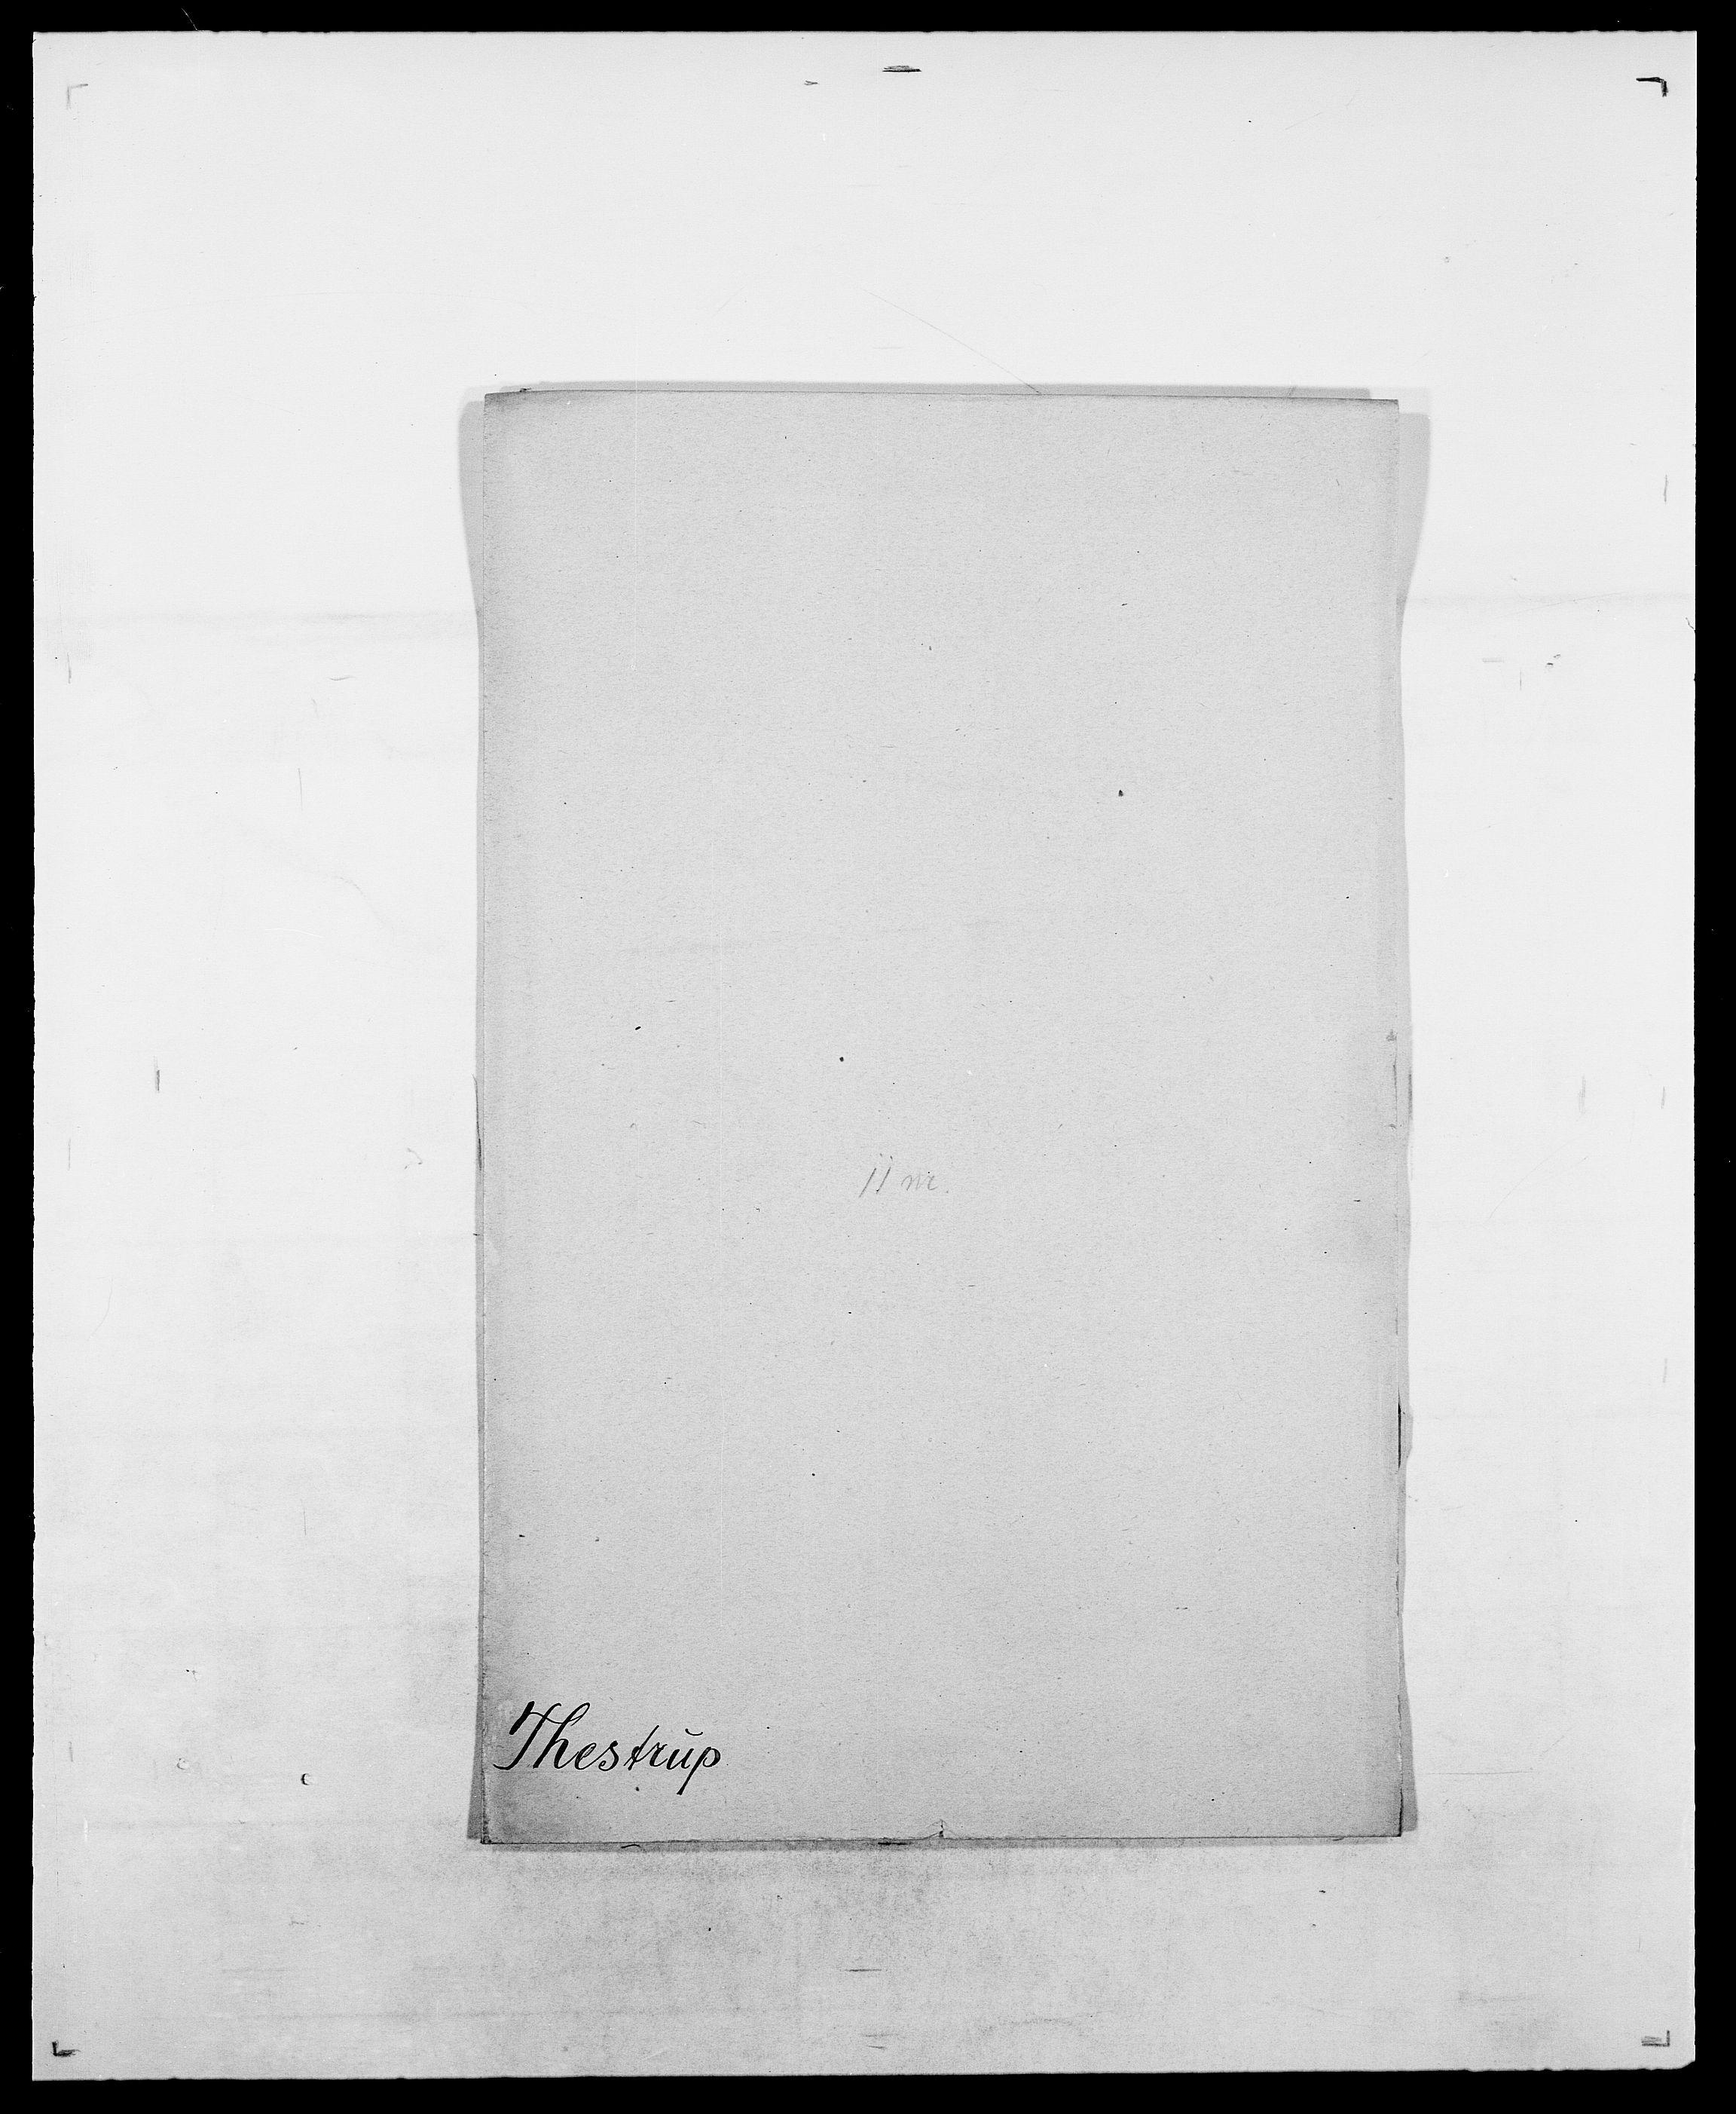 SAO, Delgobe, Charles Antoine - samling, D/Da/L0038: Svanenskjold - Thornsohn, s. 696